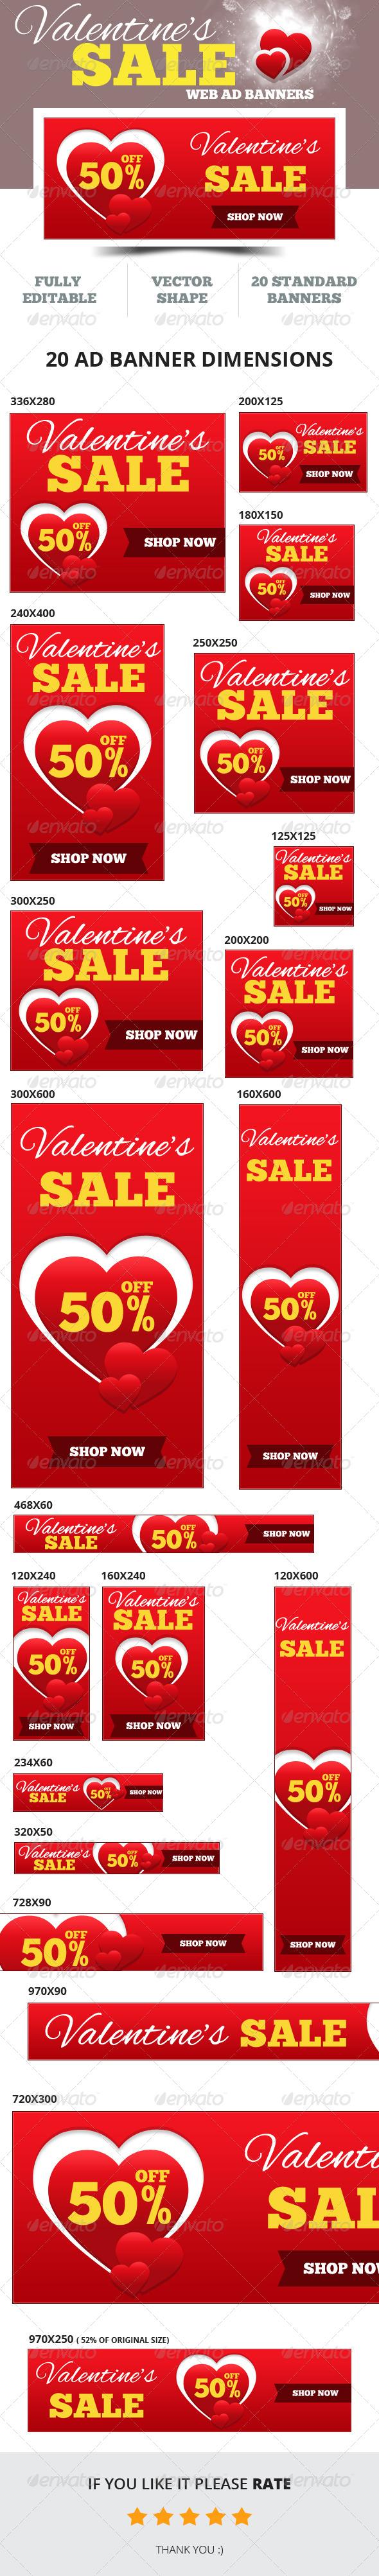 GraphicRiver Valentine s Sale Web Ad Banners 6517490